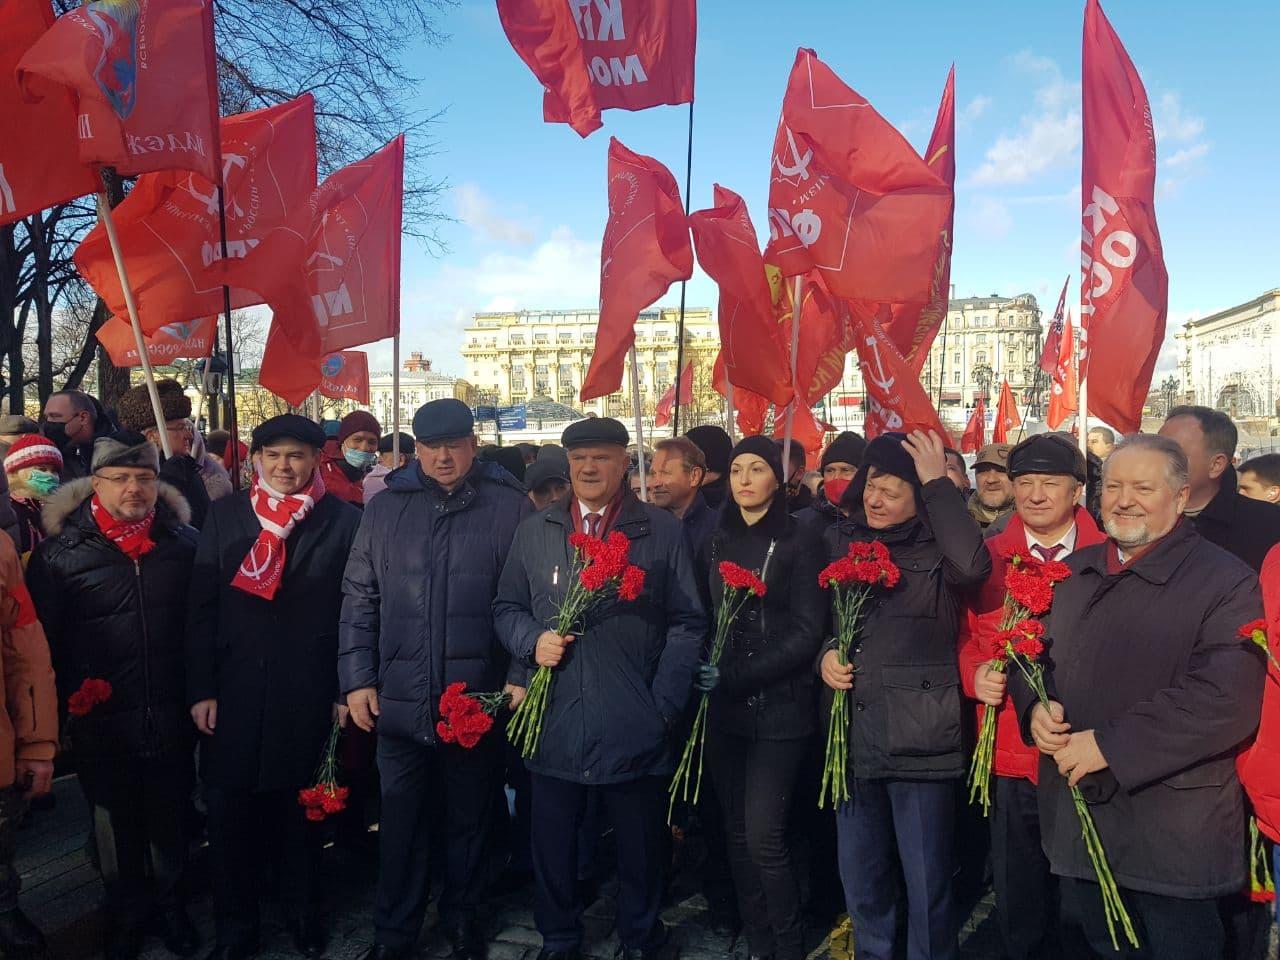 фото ЗакС политика Московские левые силы провели уличную акцию в годовщину смерти Сталина